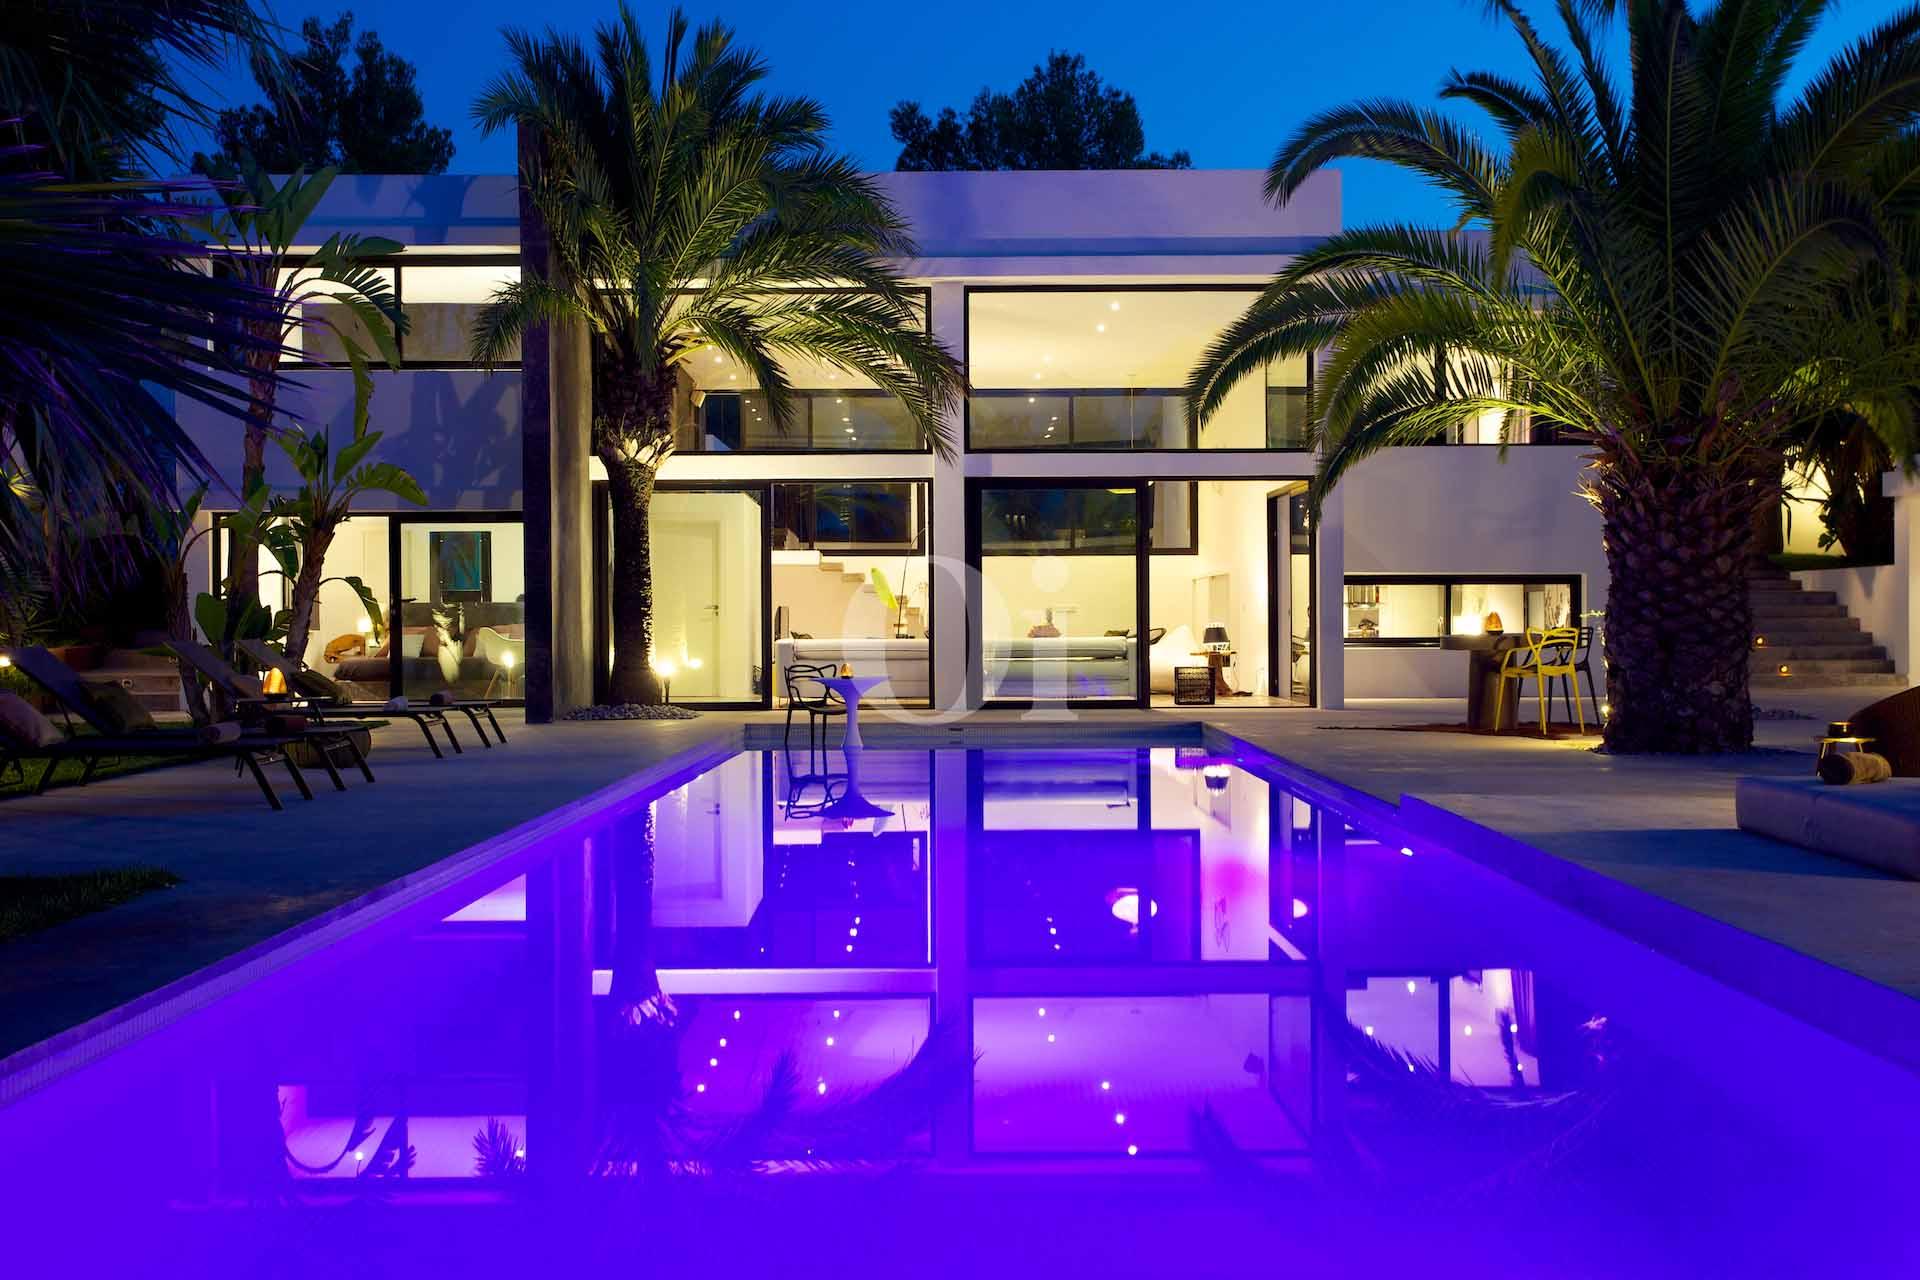 Bona il.luminació de la casa